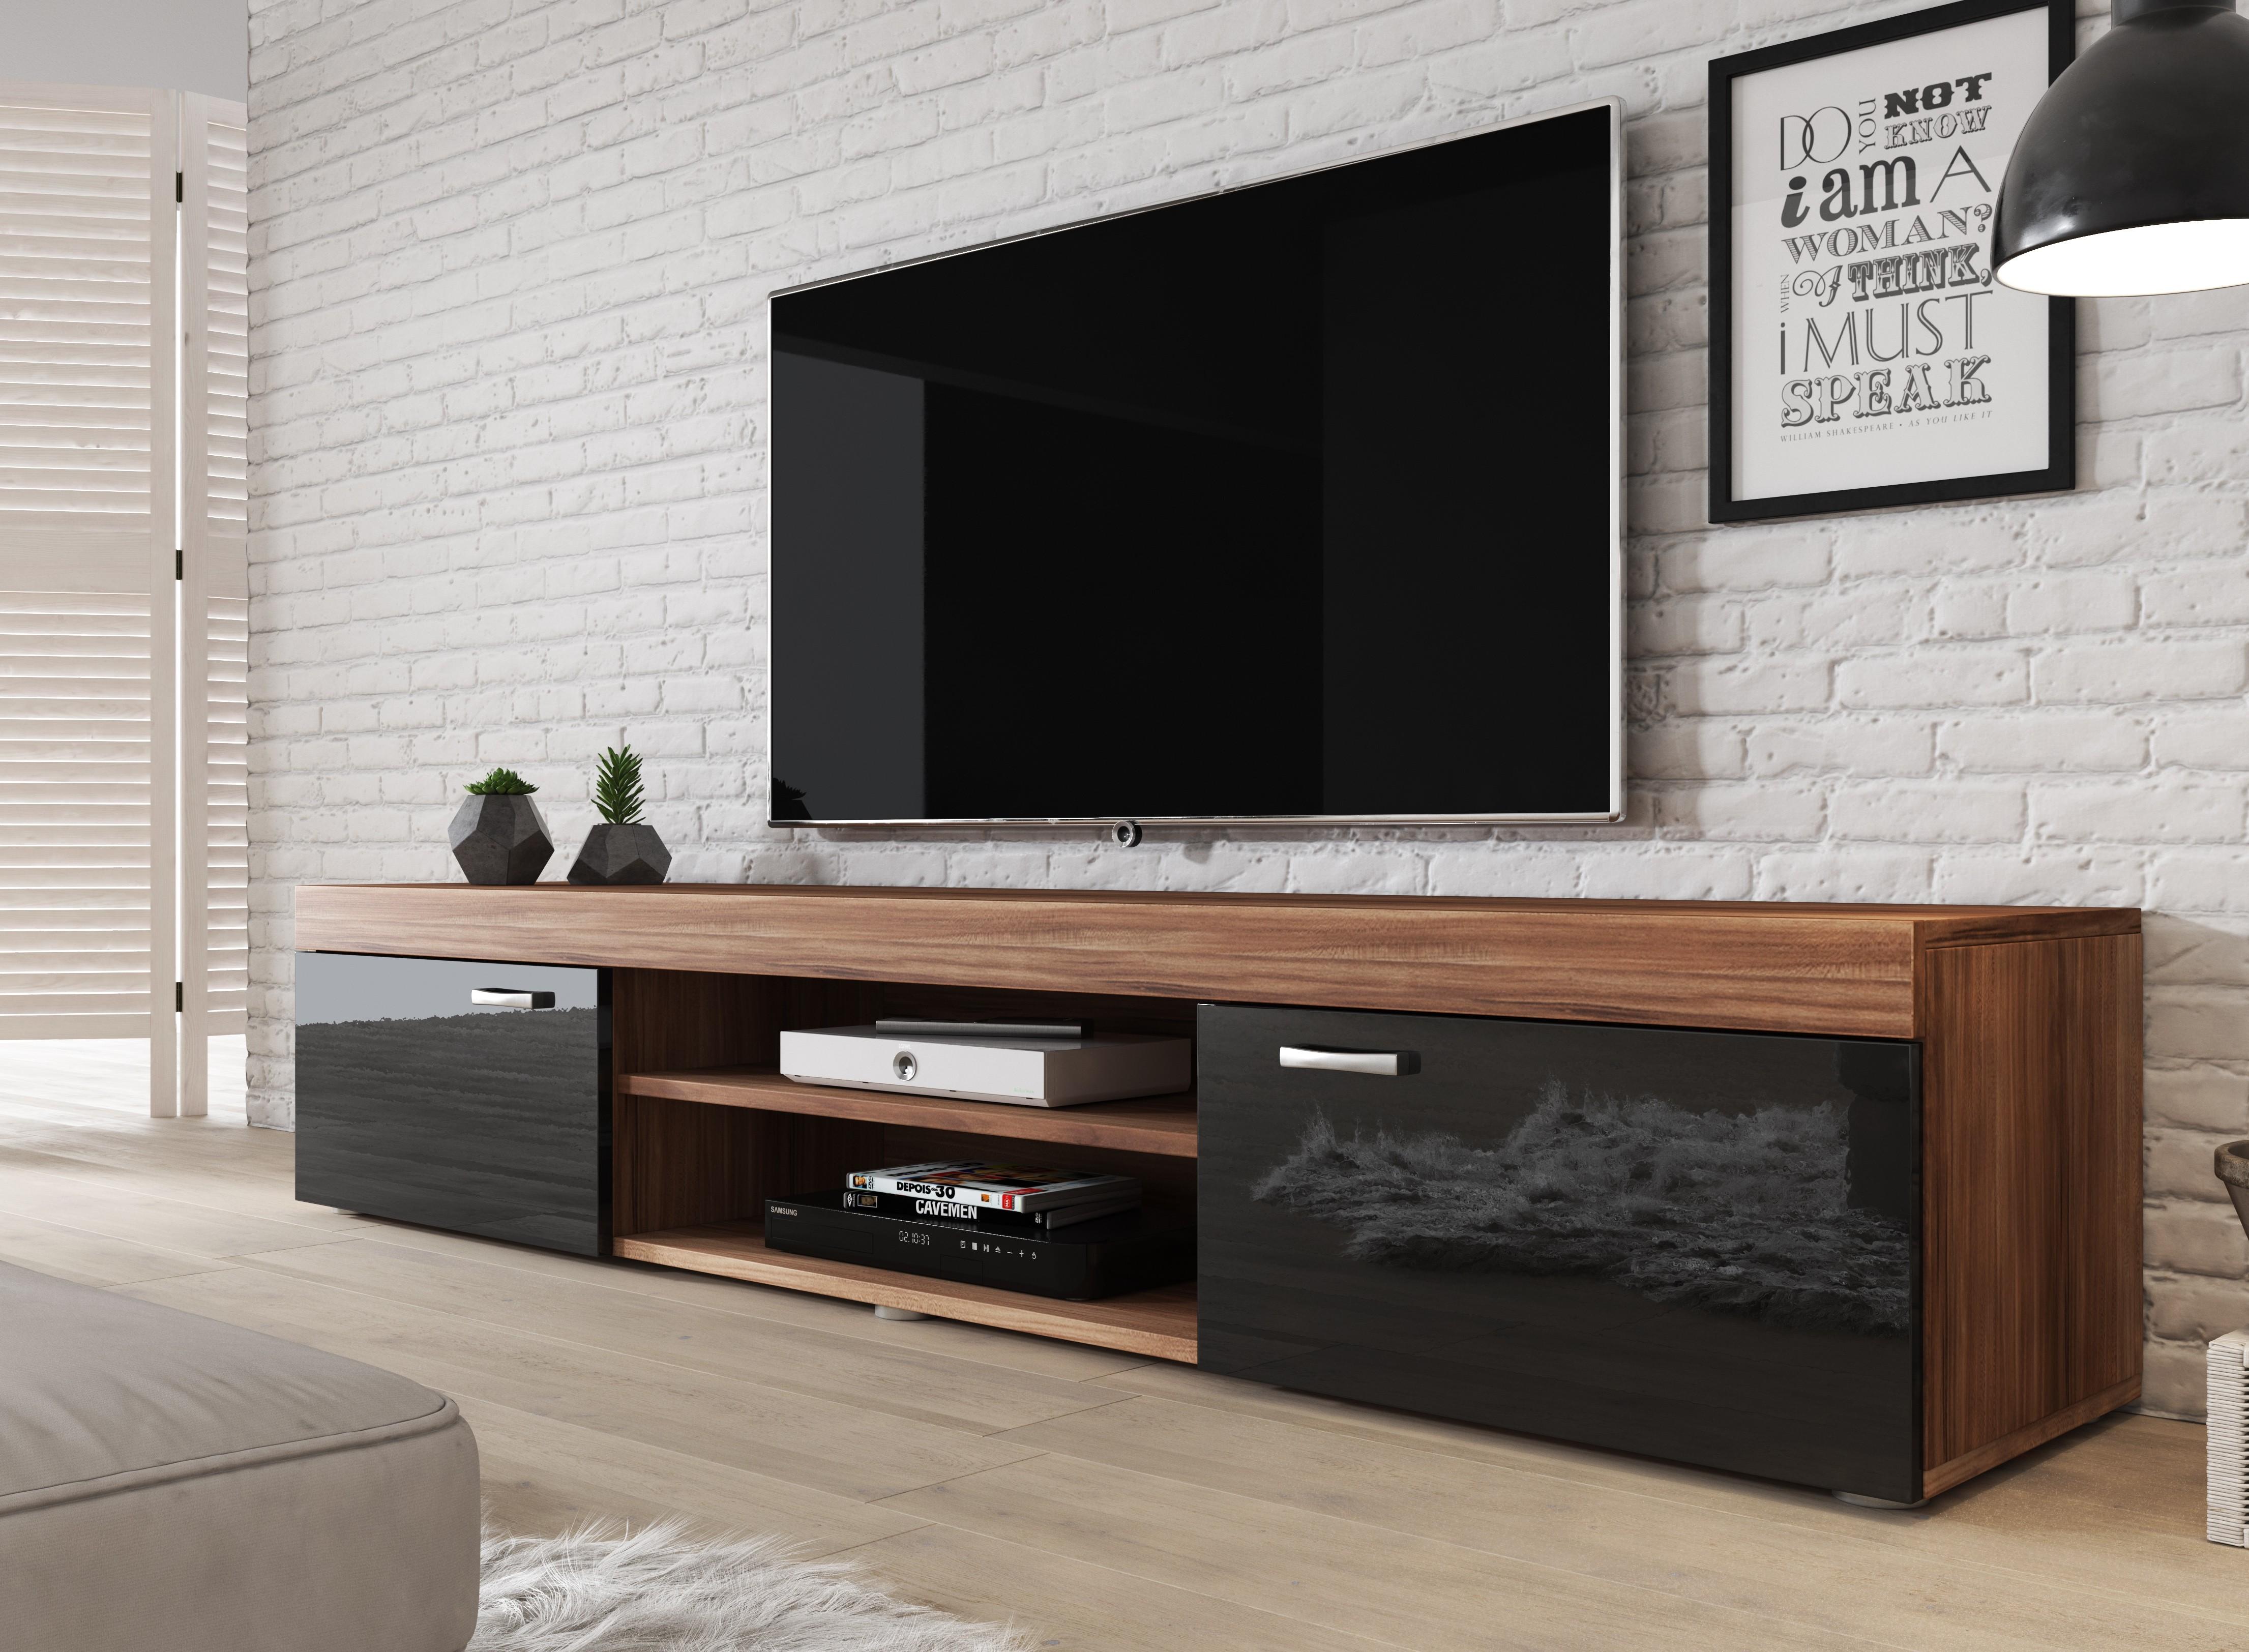 Samsung Tv Met Meubel.Tv Meubel Mantel Eiken Zwart 200 Cm Meubella